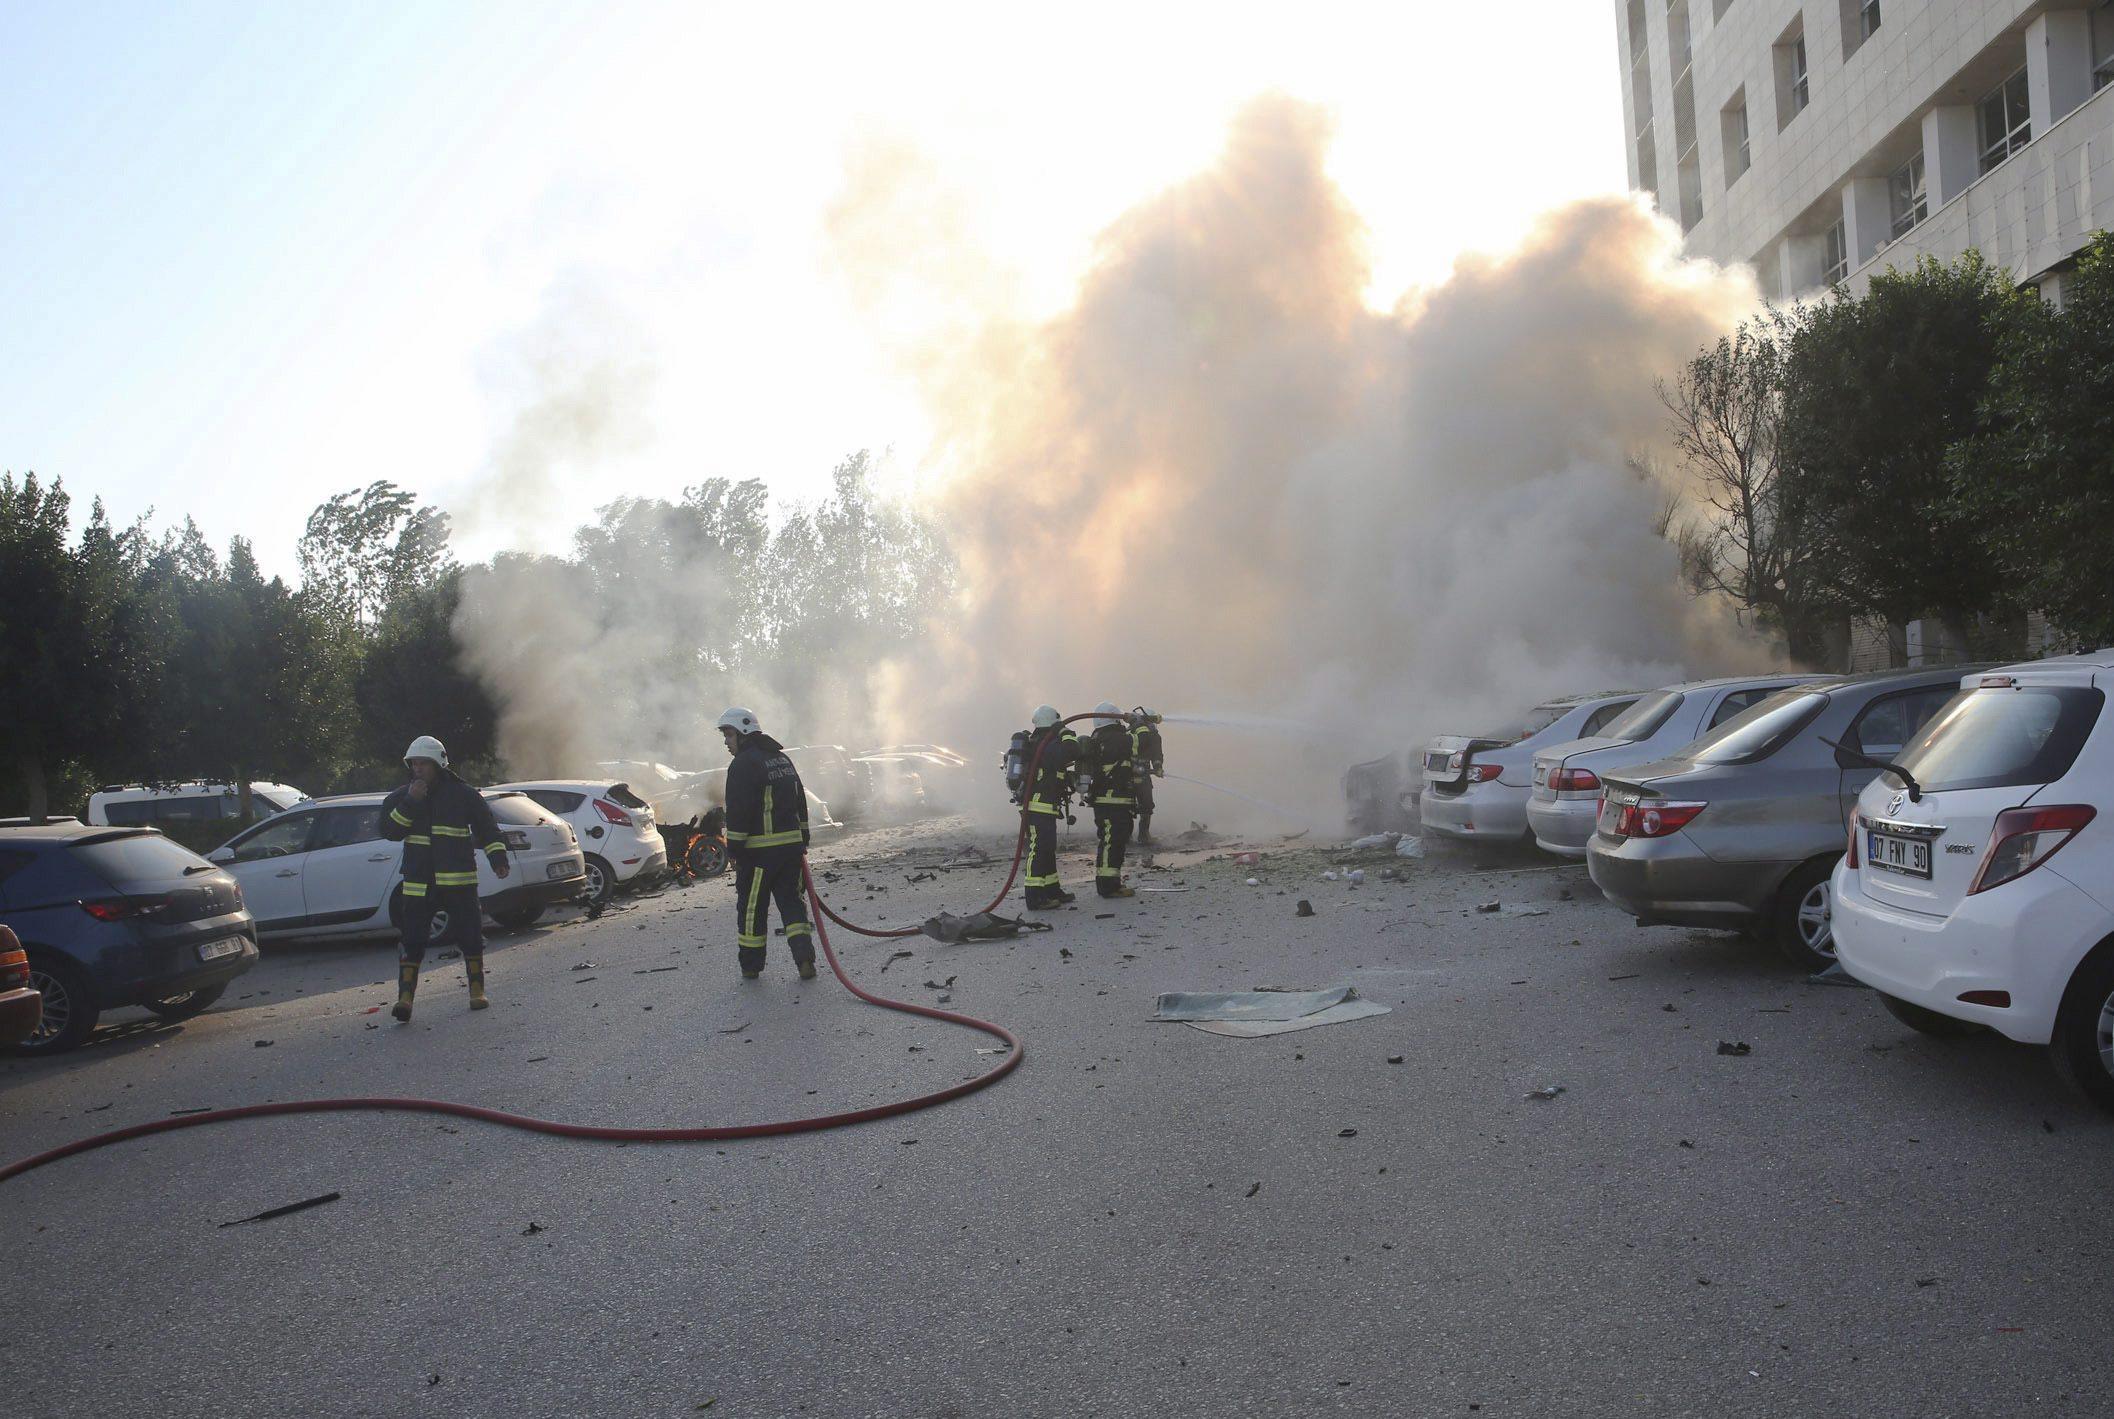 Eksplozja w części parkingowej budynku Izby Handlu i Przemysłu w Antalya, w Turcji. Nadal niewiadome są powody eksplozji. fot.  EPA/STR